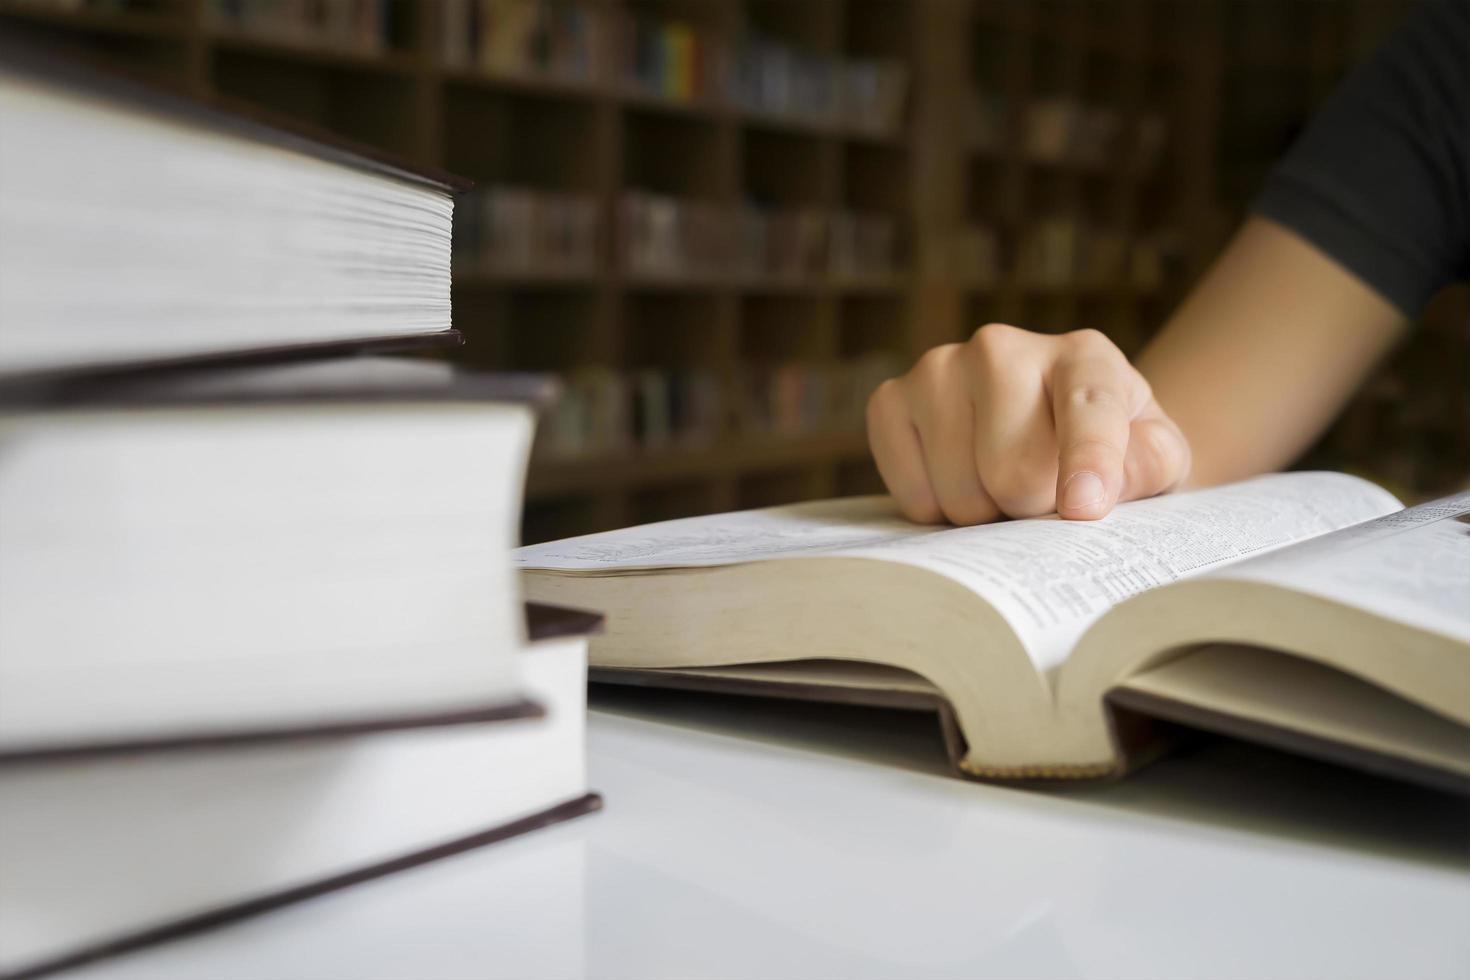 Nahaufnahme einer Person, die in einer Bibliothek liest foto